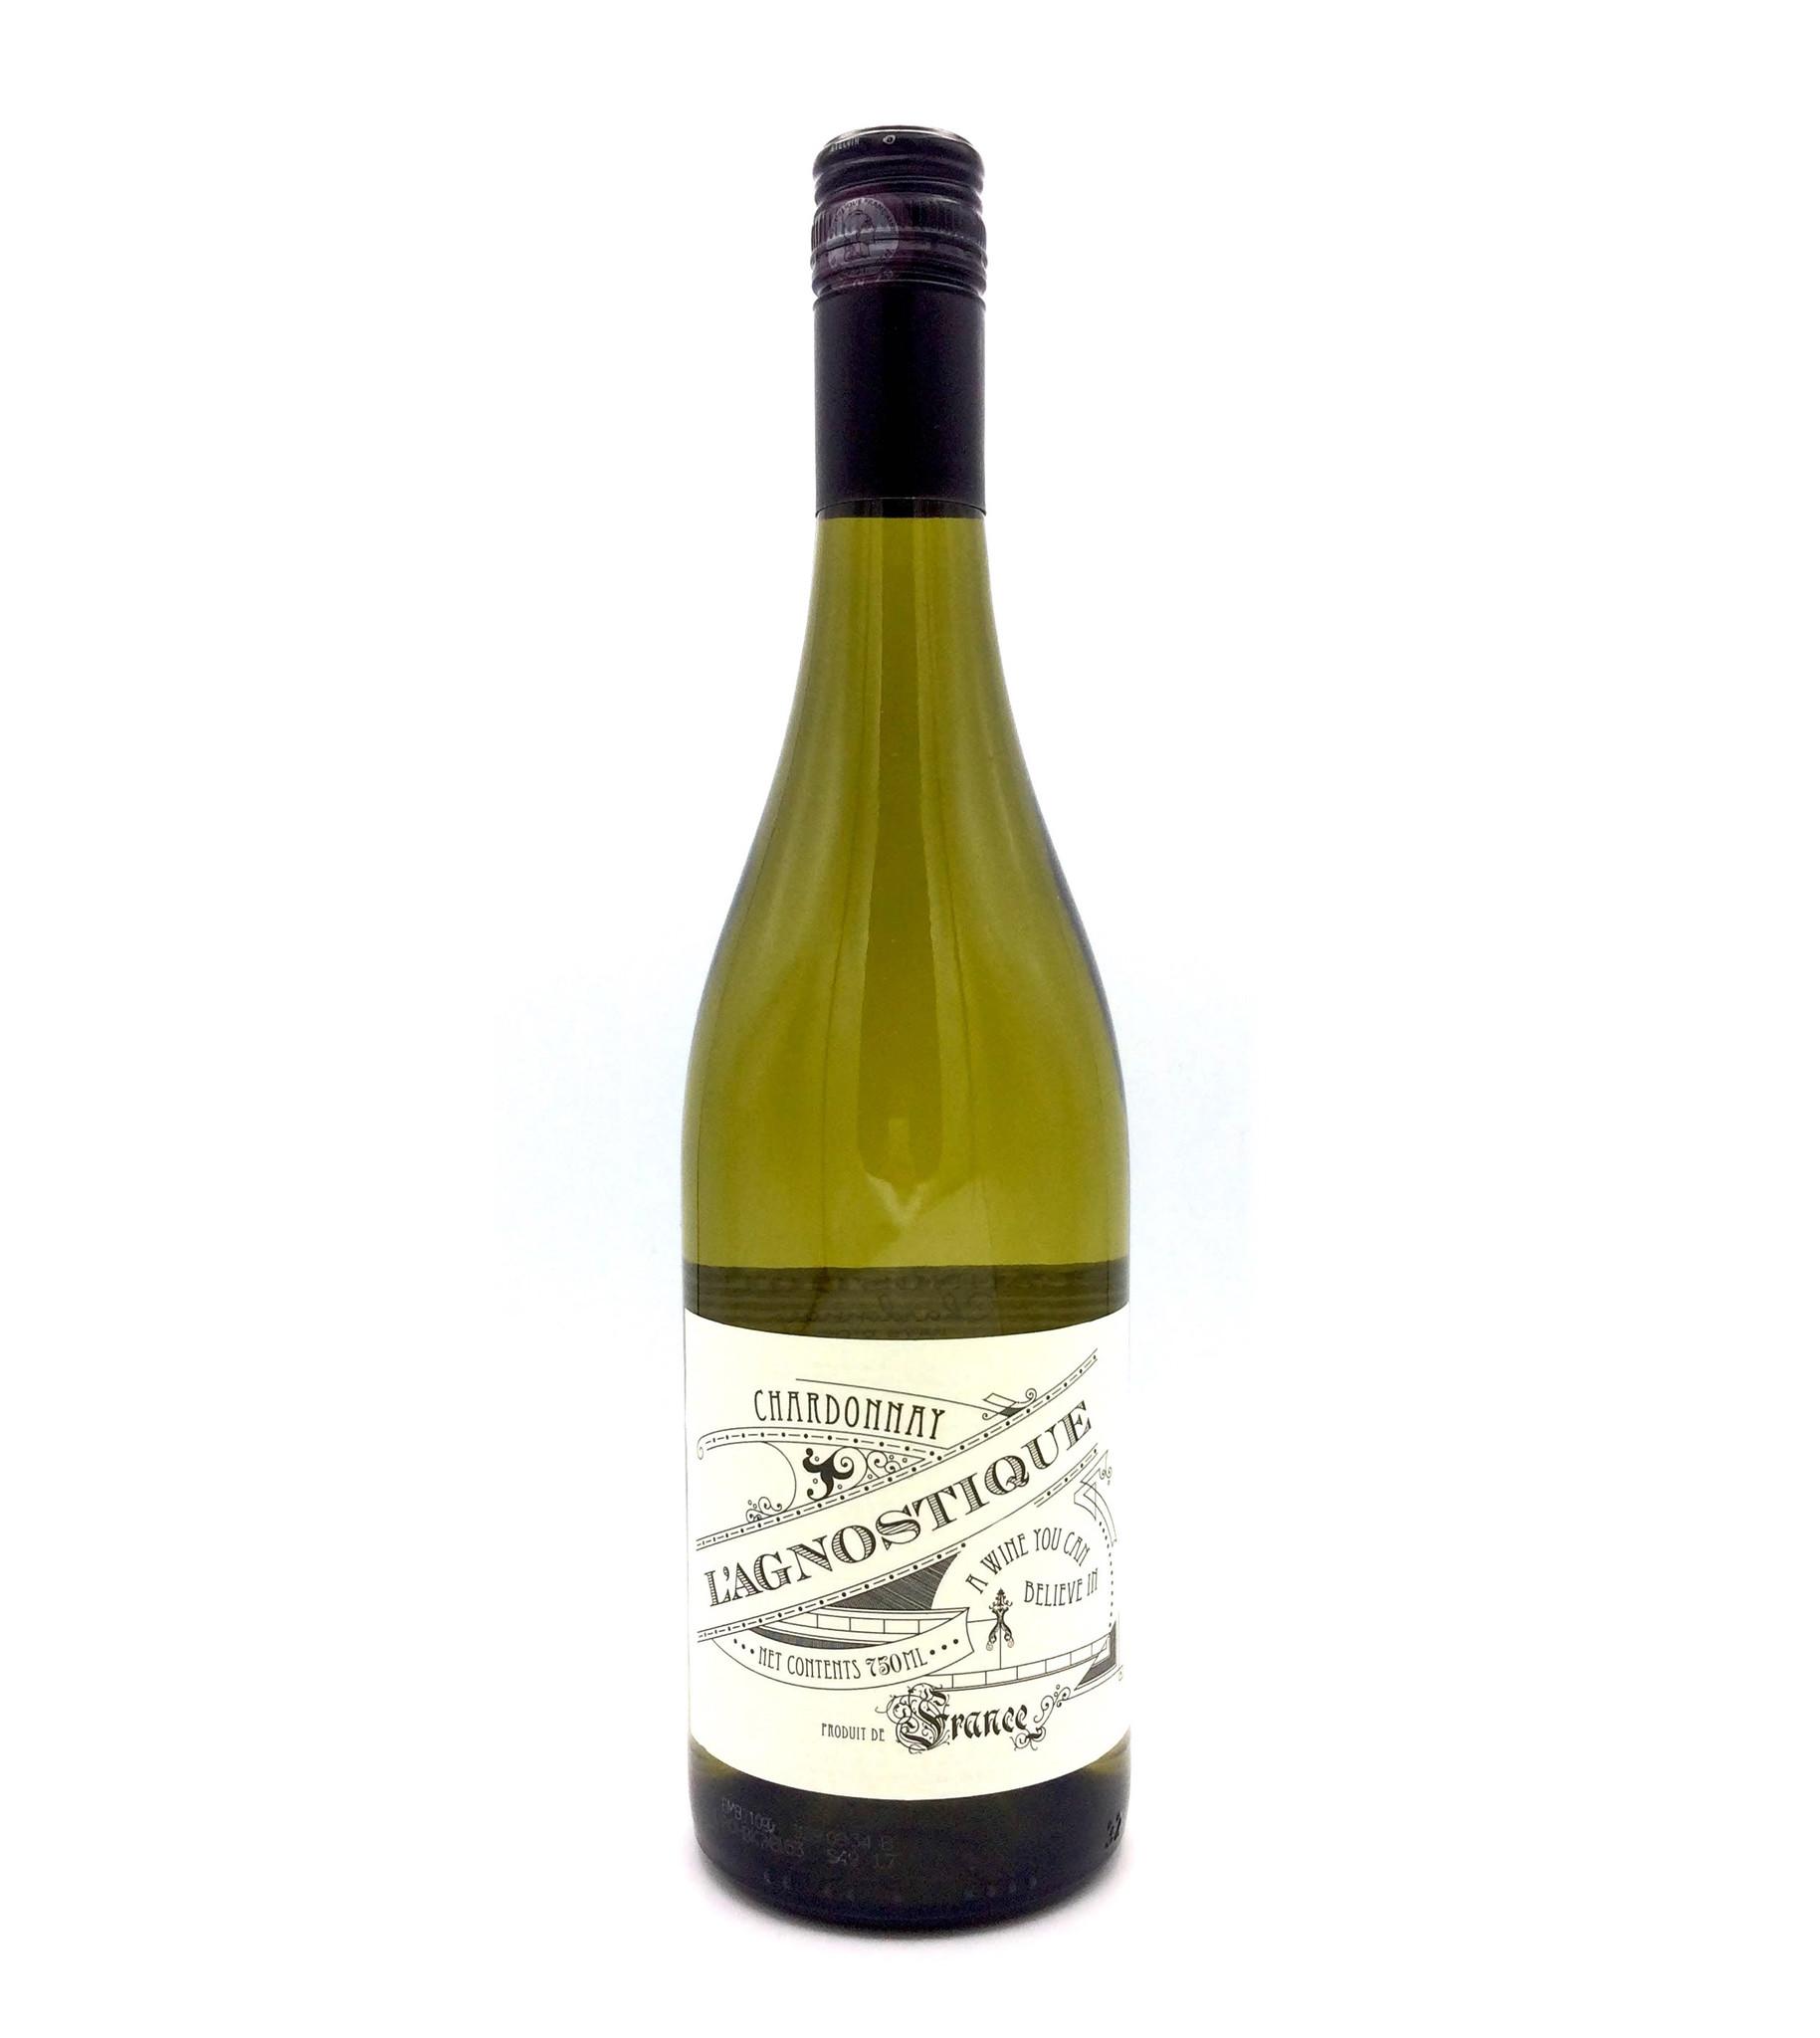 Chardonnay 2018 L'Agnostique